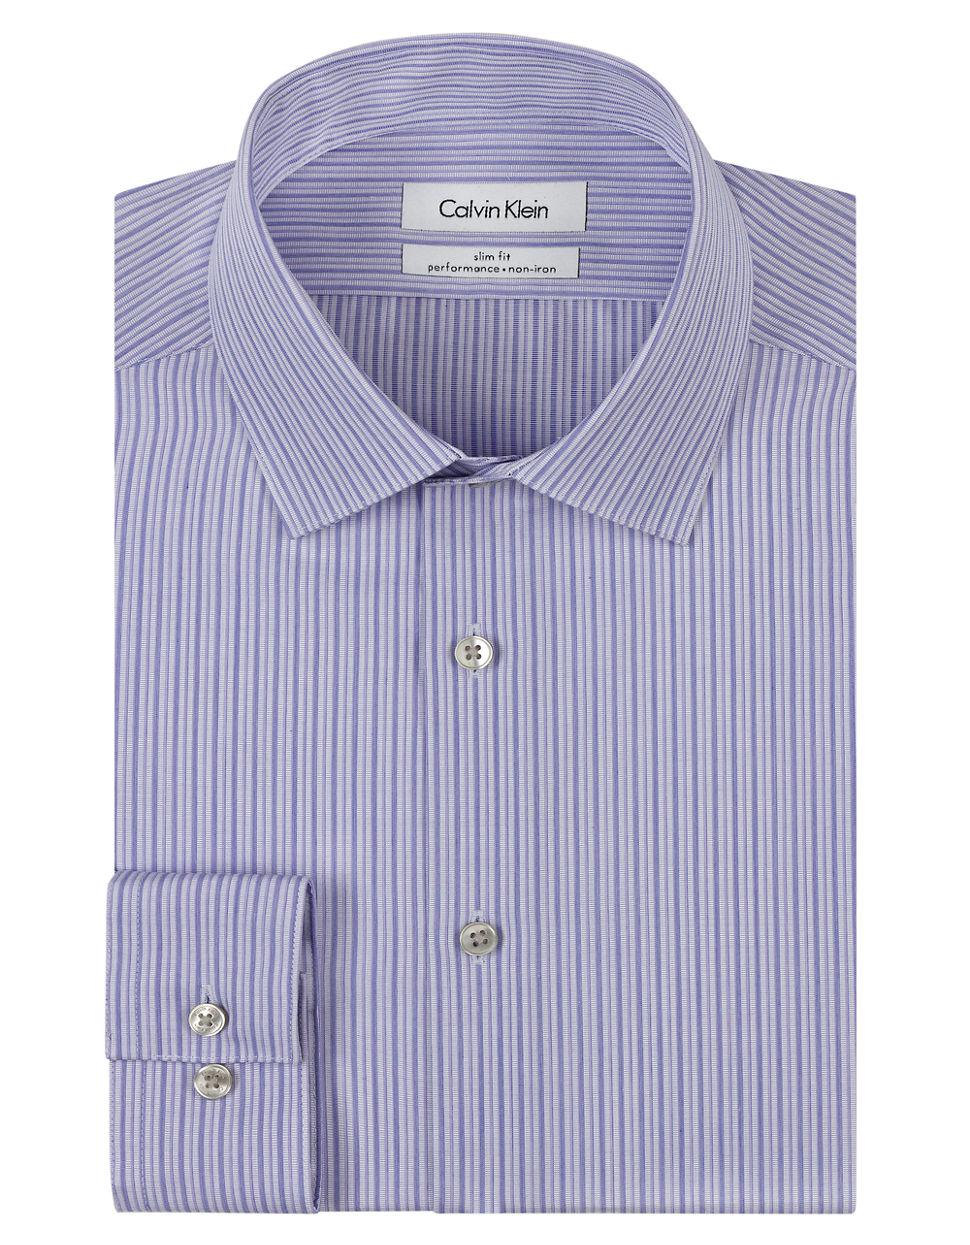 Calvin klein slim fit stripe non iron dress shirt in for Non iron slim fit dress shirts